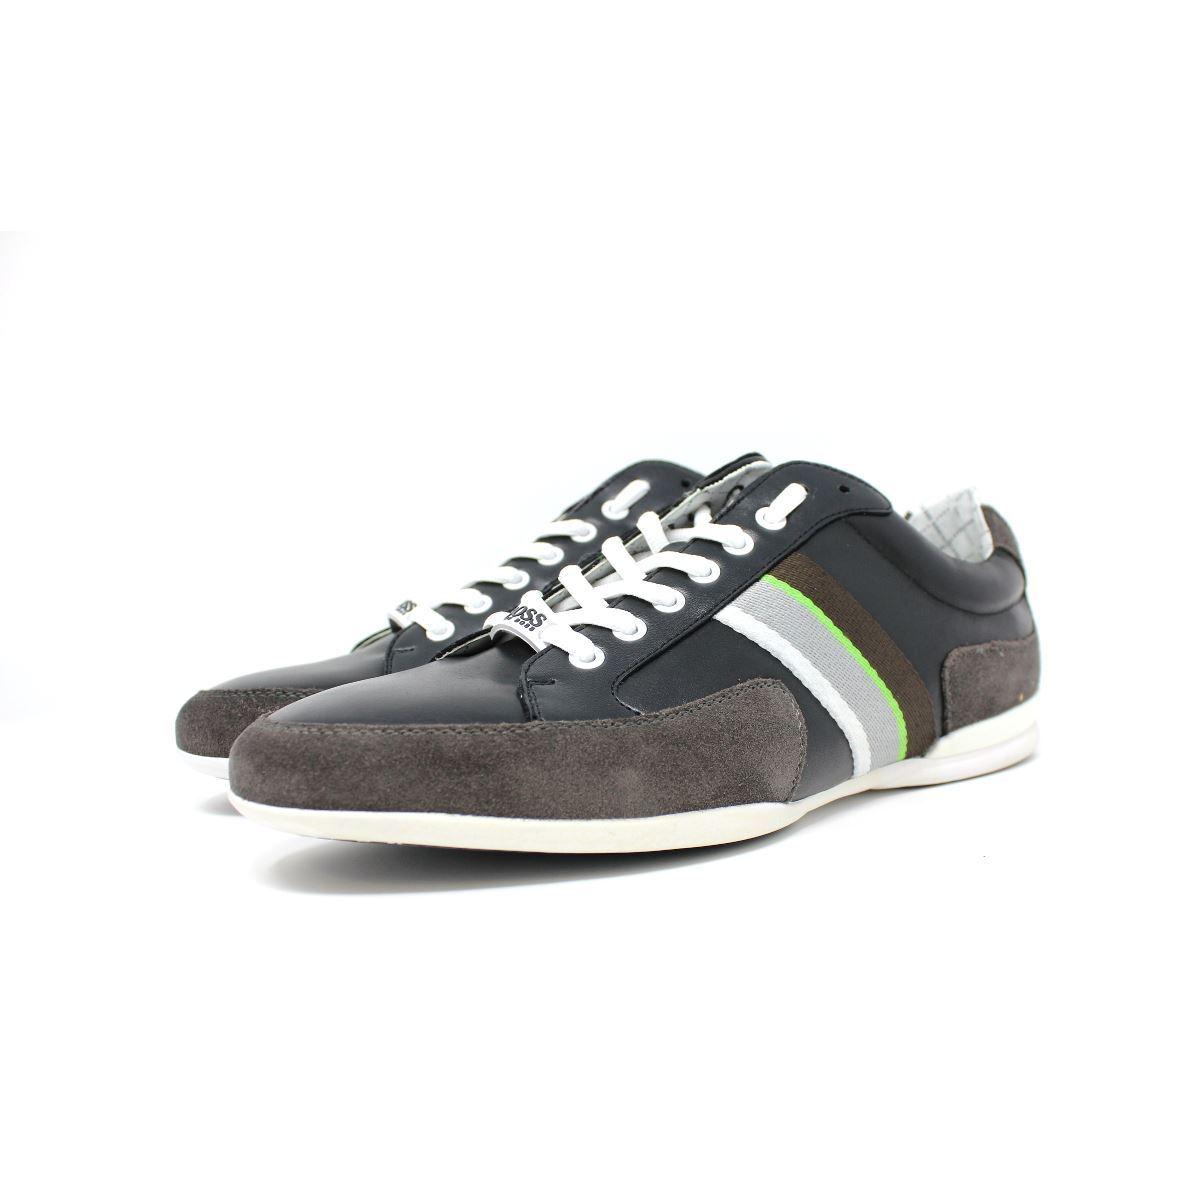 Hugo Boss Space Lea Casual Sneaker Men SZ 7.5 - 13